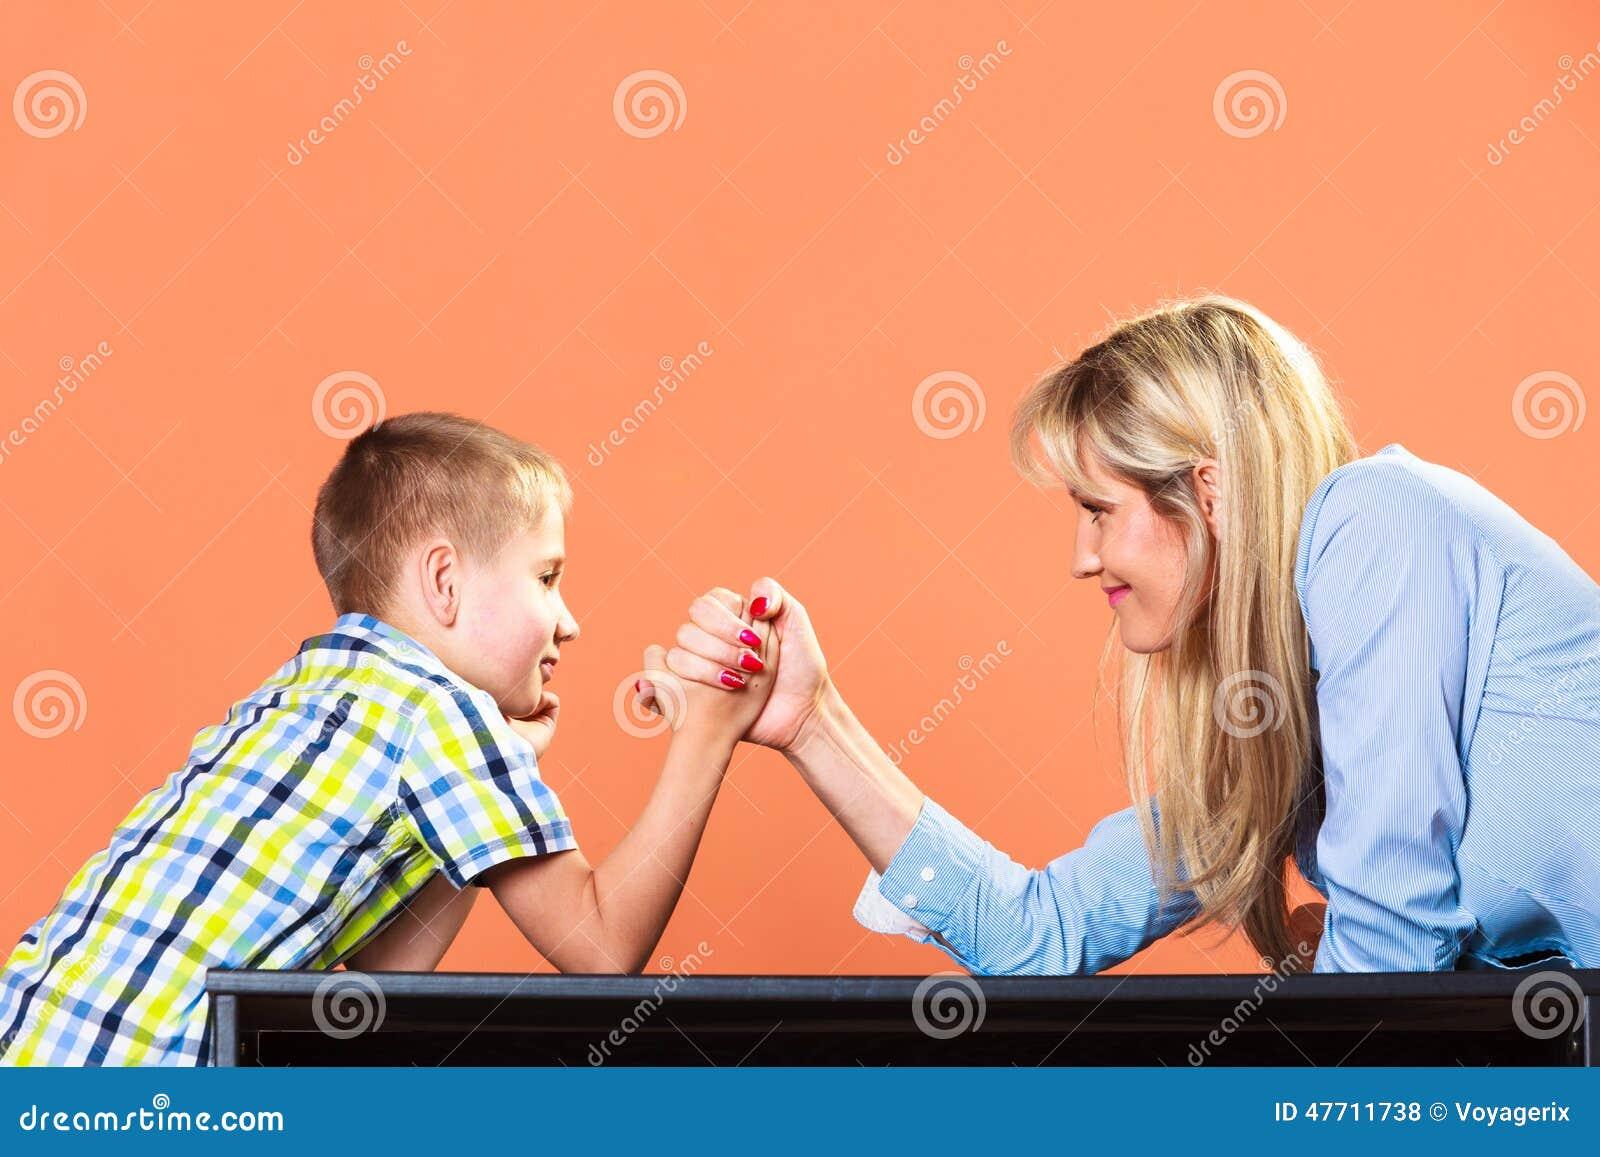 family wrestling mom son